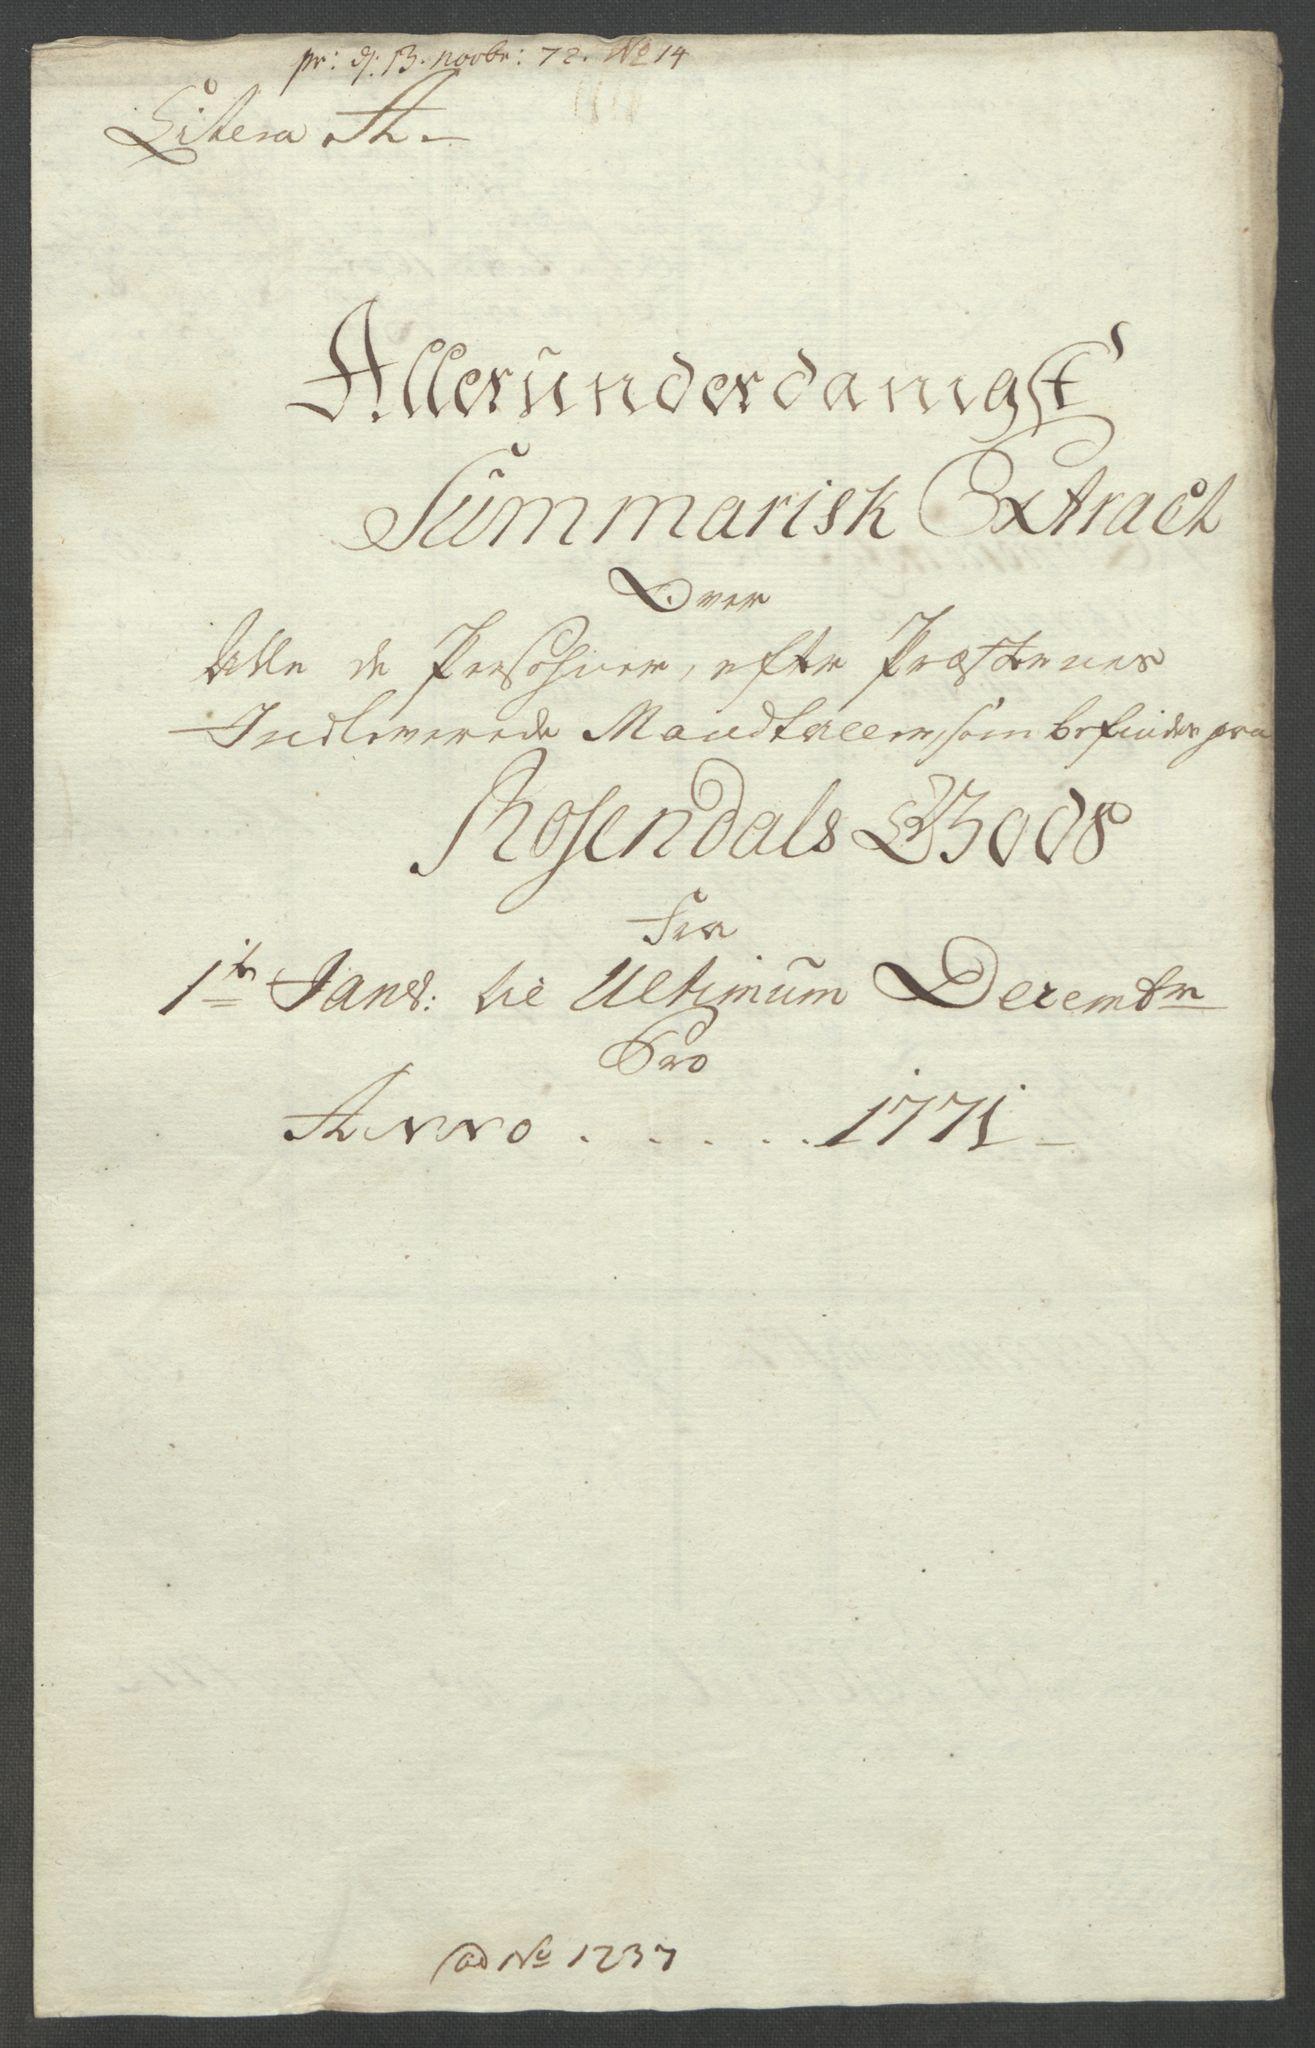 RA, Rentekammeret inntil 1814, Reviderte regnskaper, Fogderegnskap, R49/L3157: Ekstraskatten Rosendal Baroni, 1762-1772, s. 329